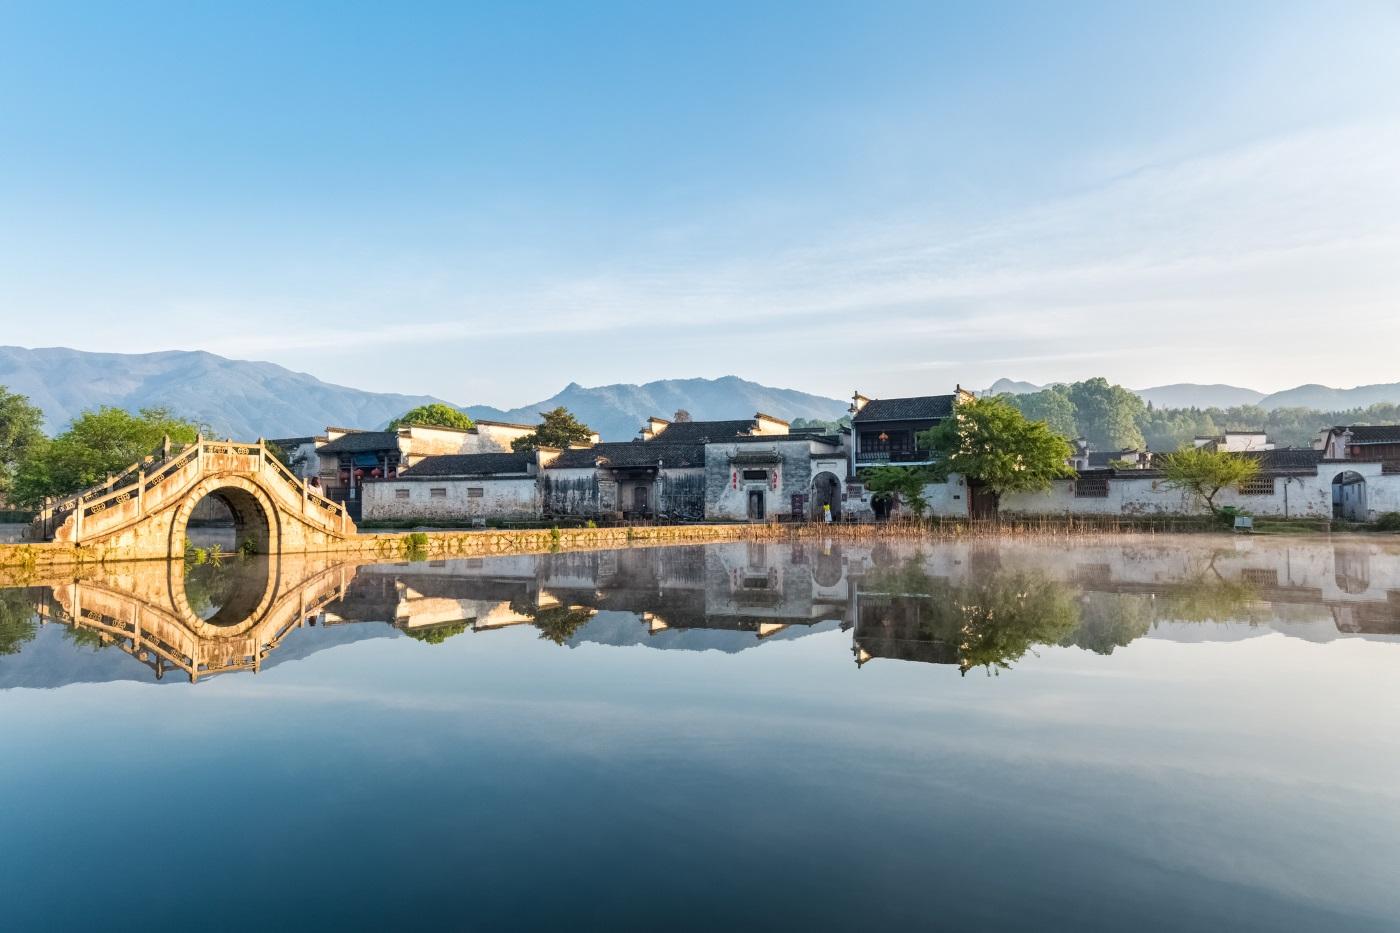 Хонгцун – древното село връща посетителите назад във времето с добре запазени сгради, датиращи отпреди стотици години.